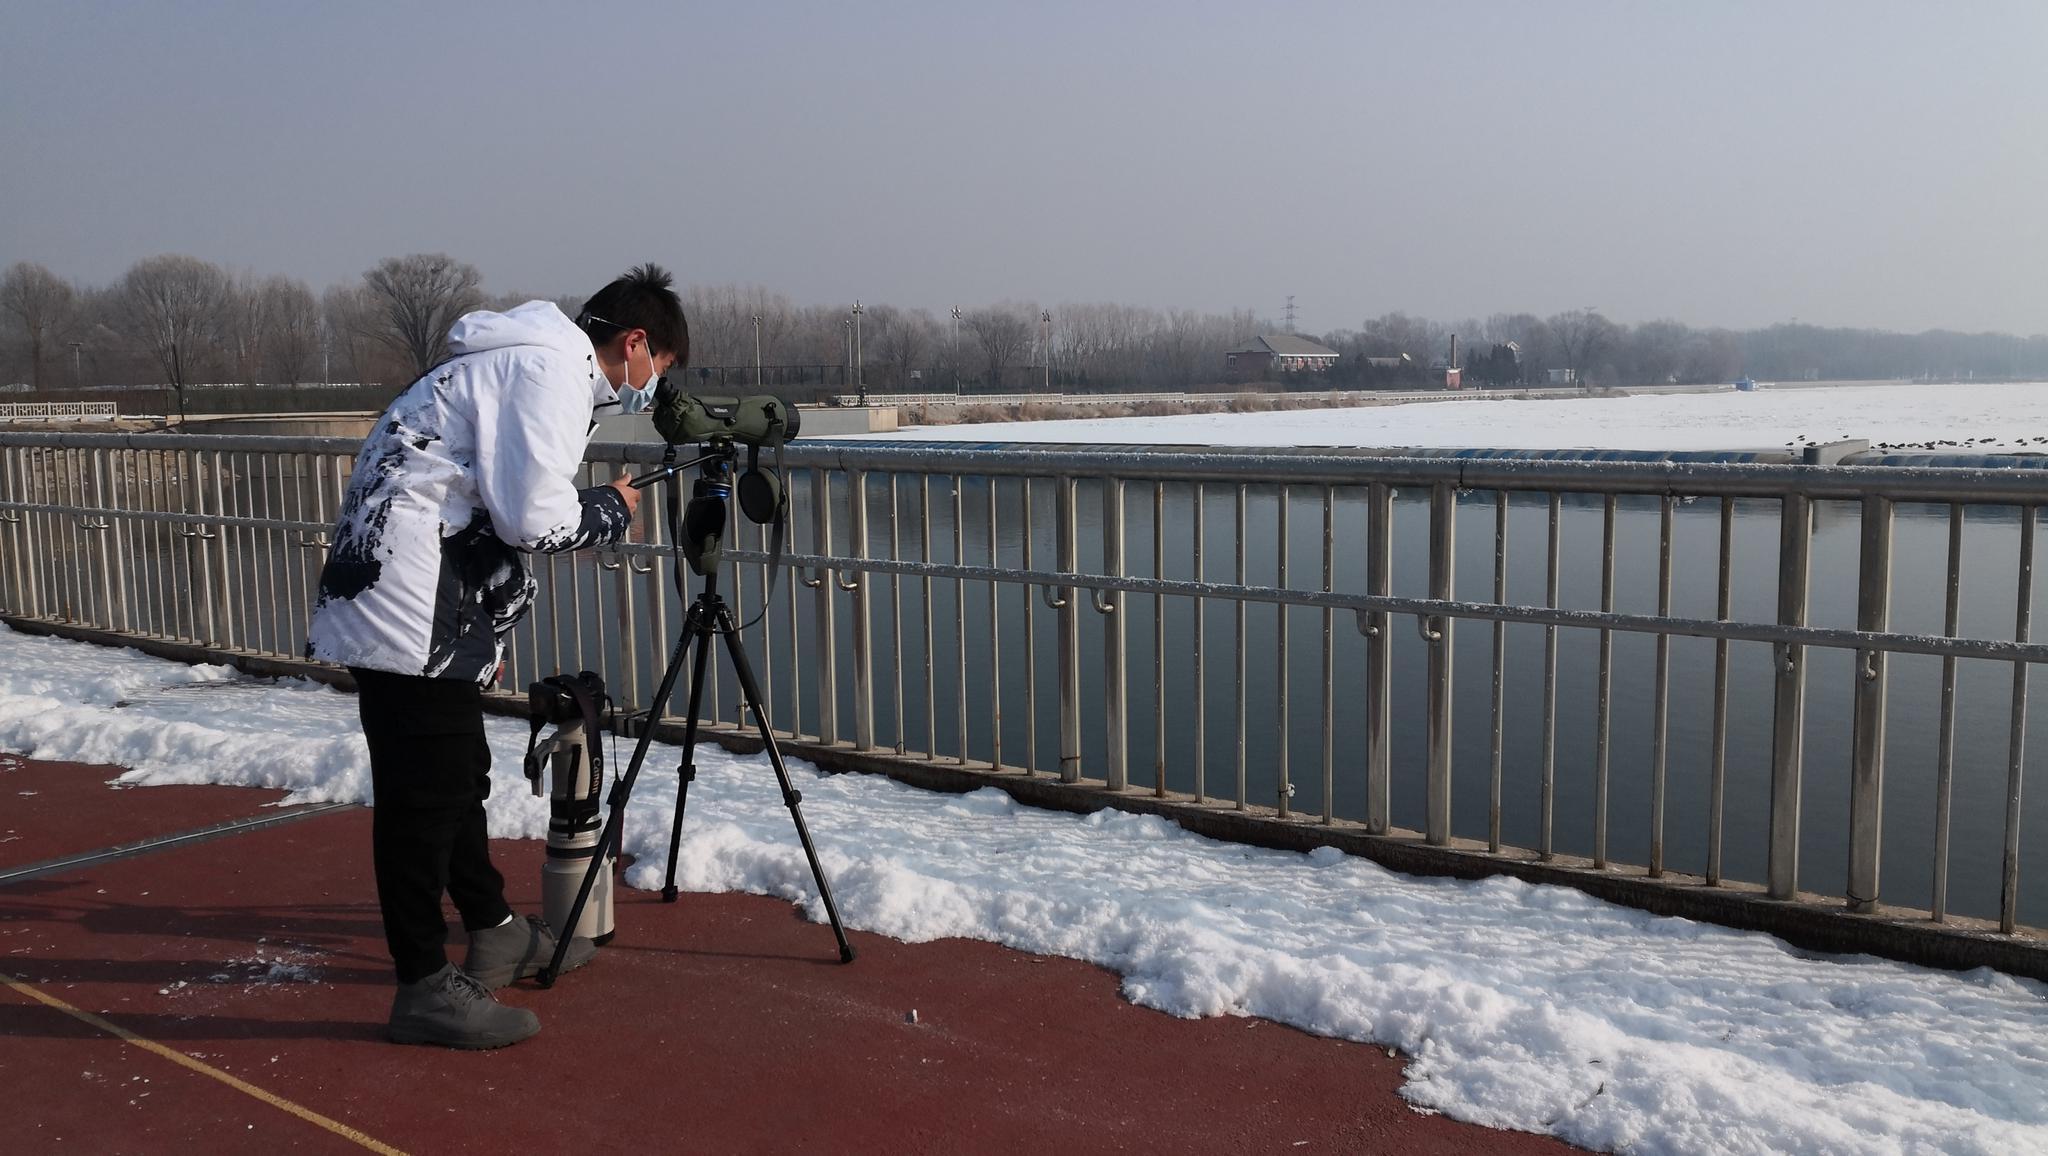 北京加强迁徙候鸟等野生动物监测,如有异常将现场处置图片